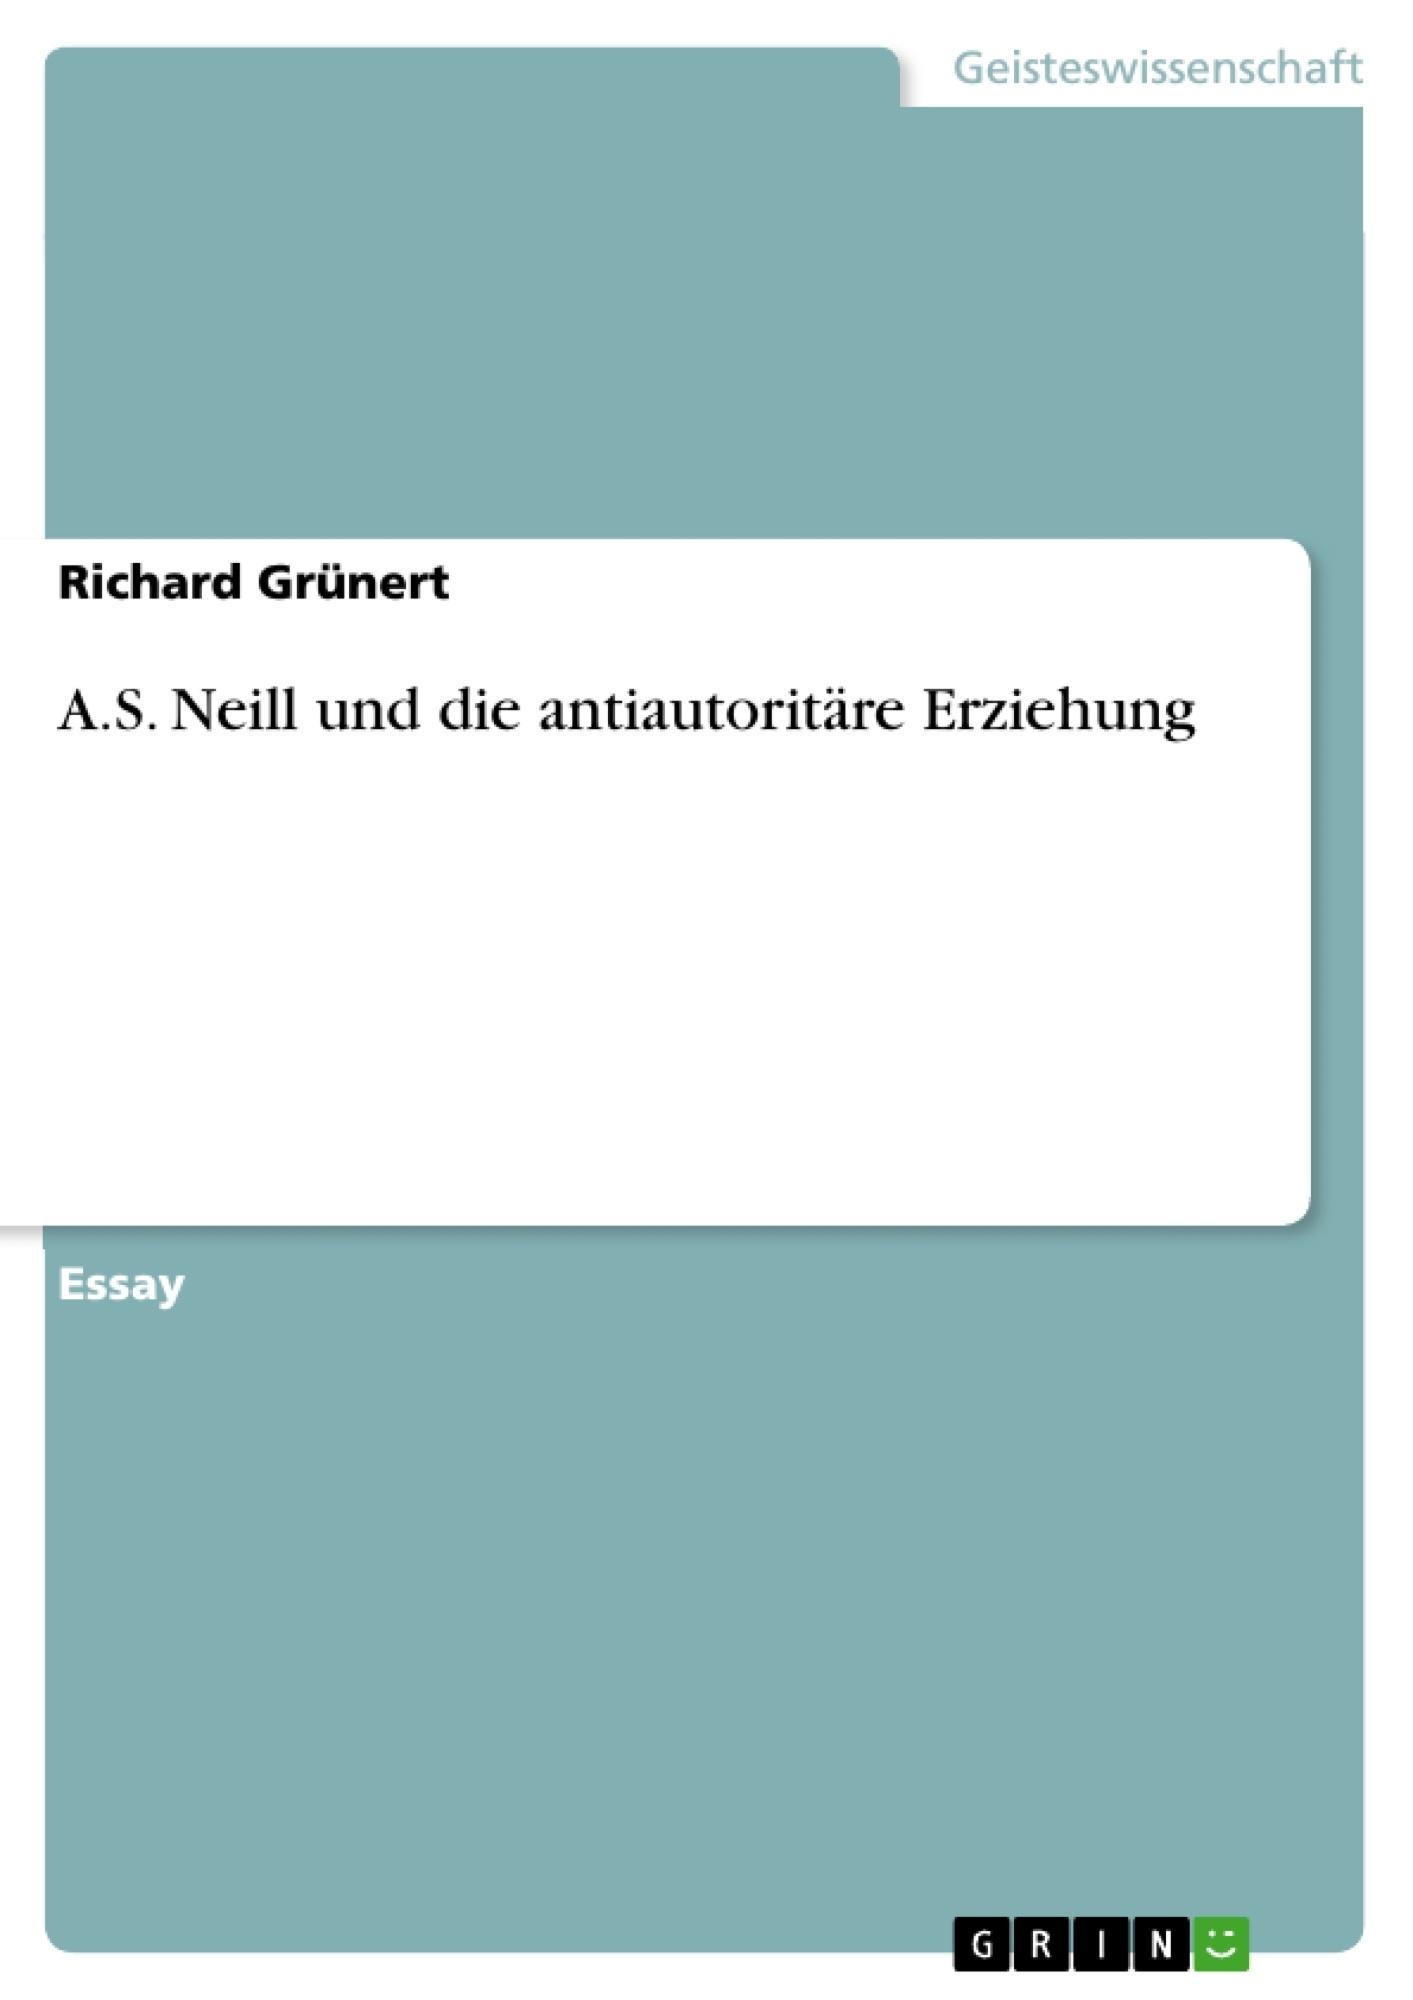 Titel: A.S. Neill und die antiautoritäre Erziehung